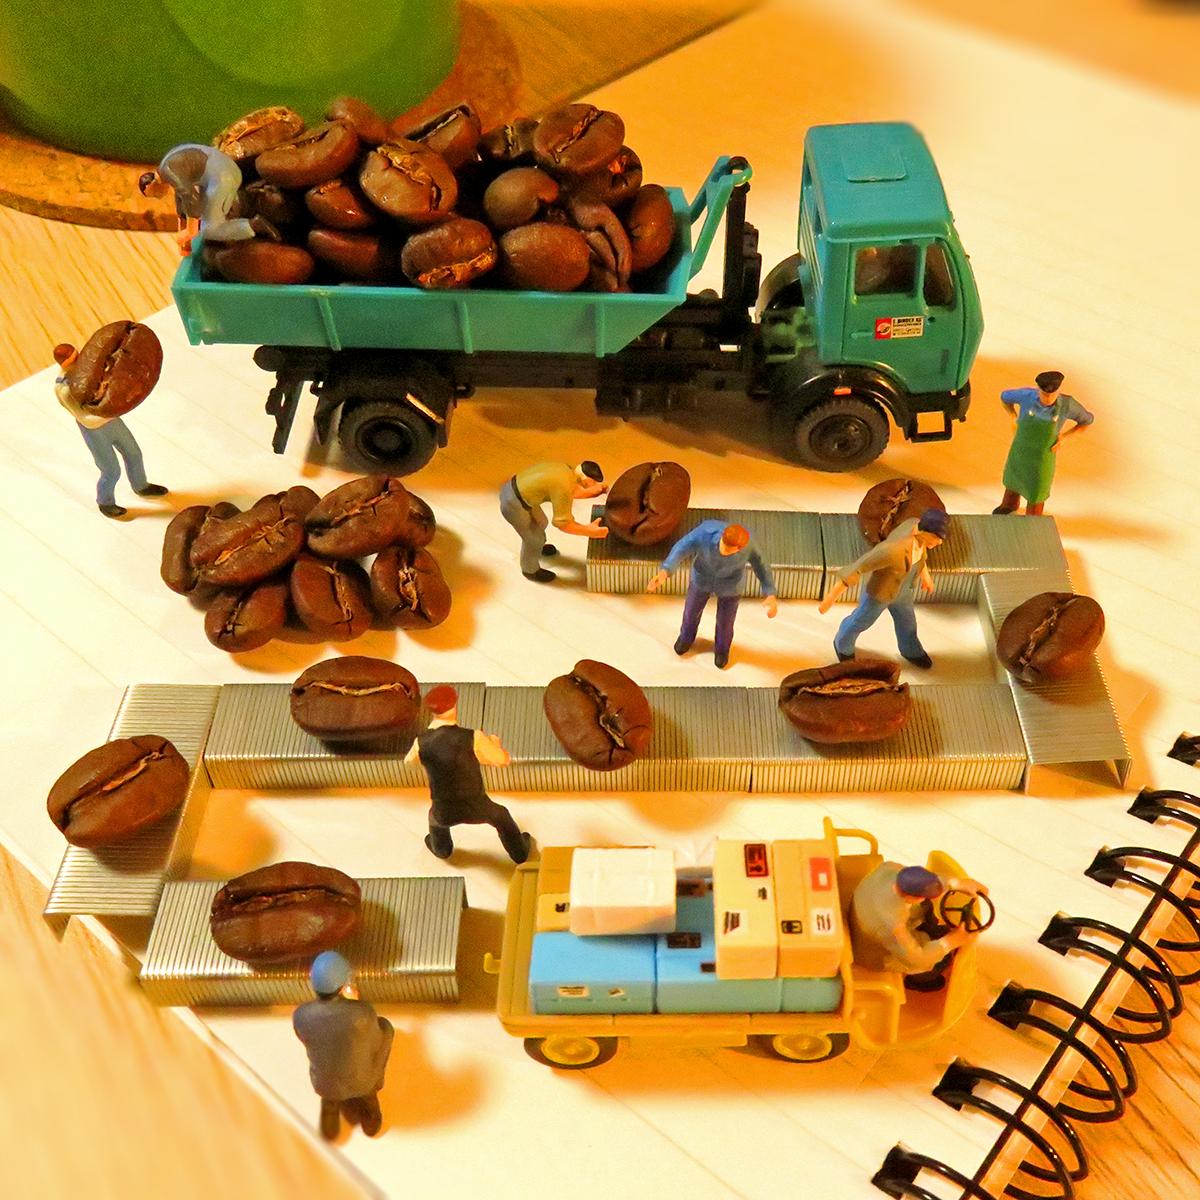 ここはコーヒー工場!ホッチキスコンベアで品質管理を行い良質なコーヒー豆をお届けします